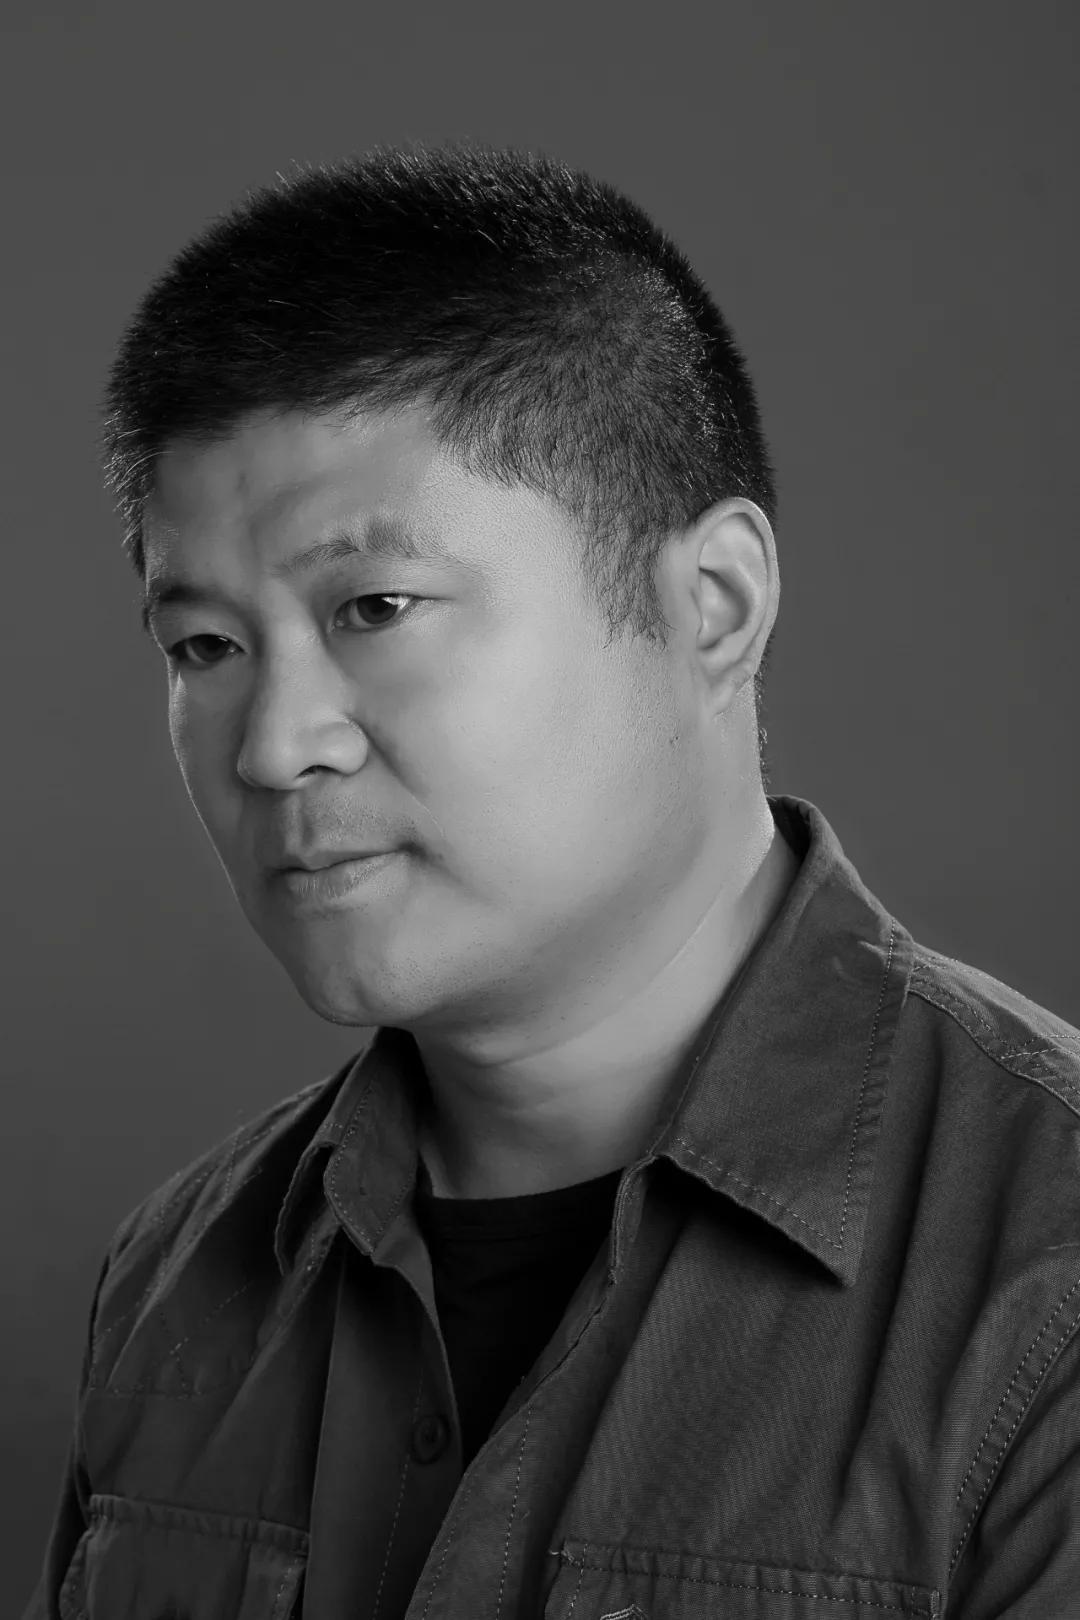 谢士强 王永利中国画作品展将于9月10日在苏州姜昆艺术收藏馆开幕